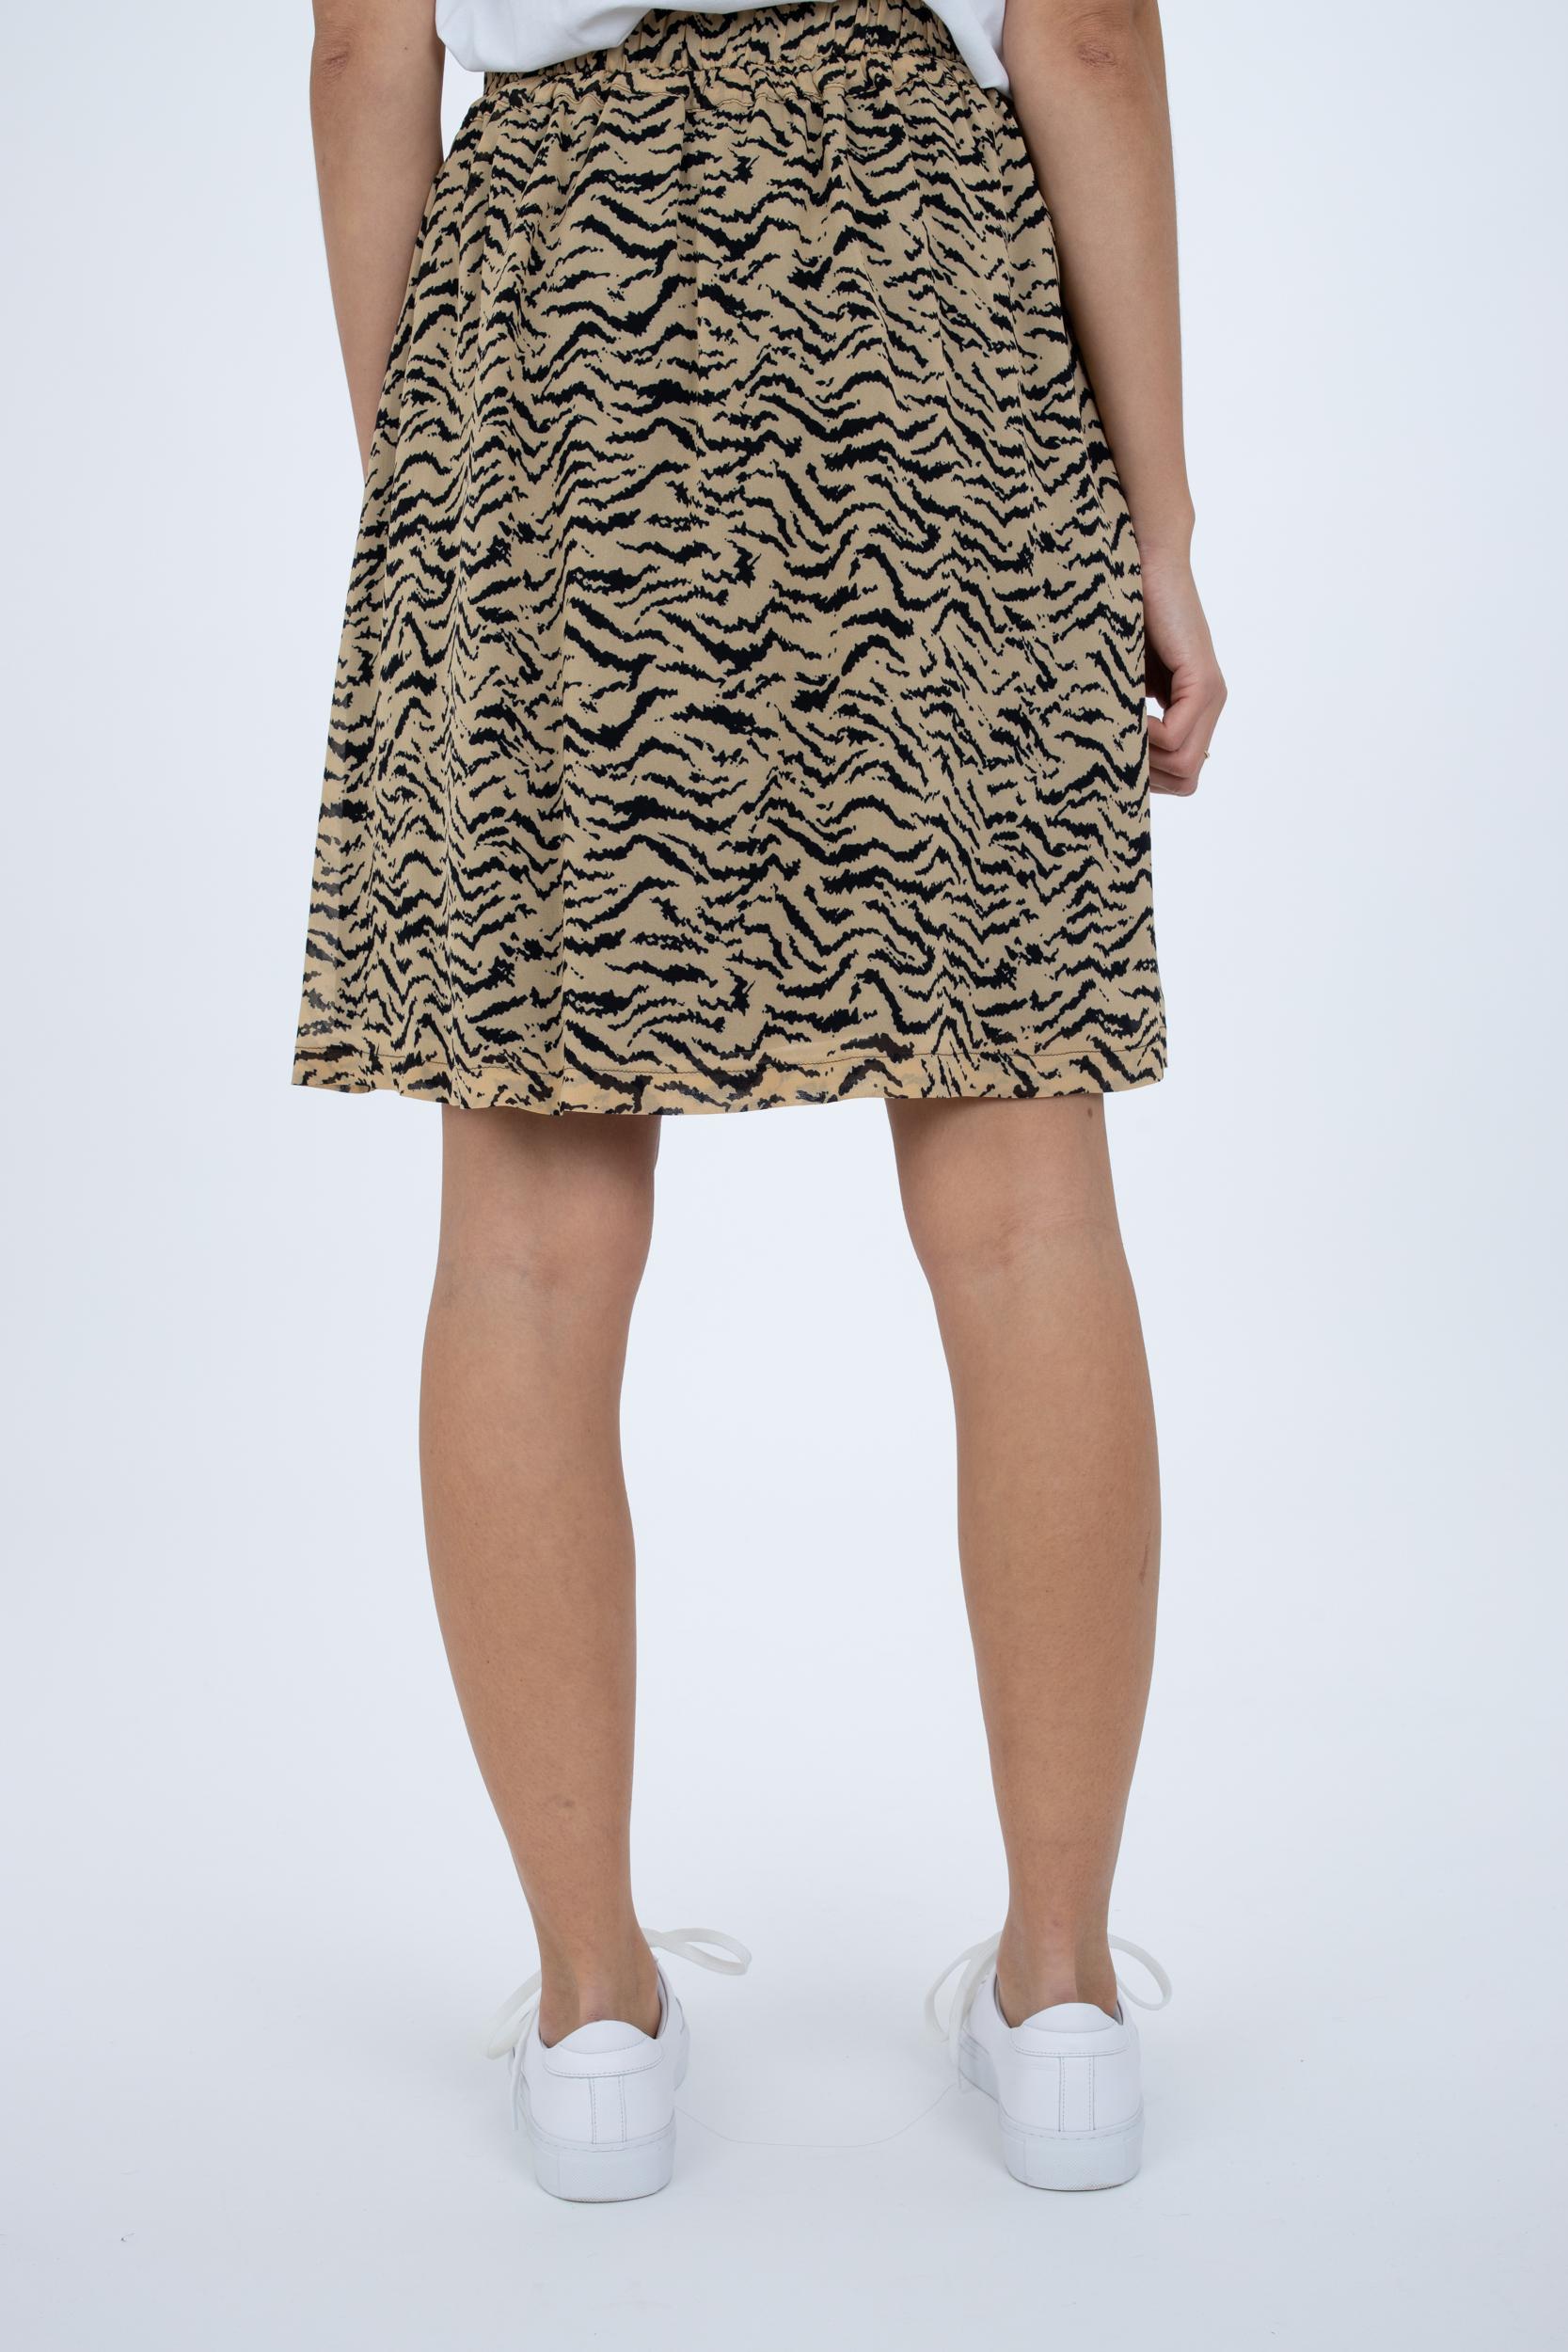 Minirock mit Tiger-Print